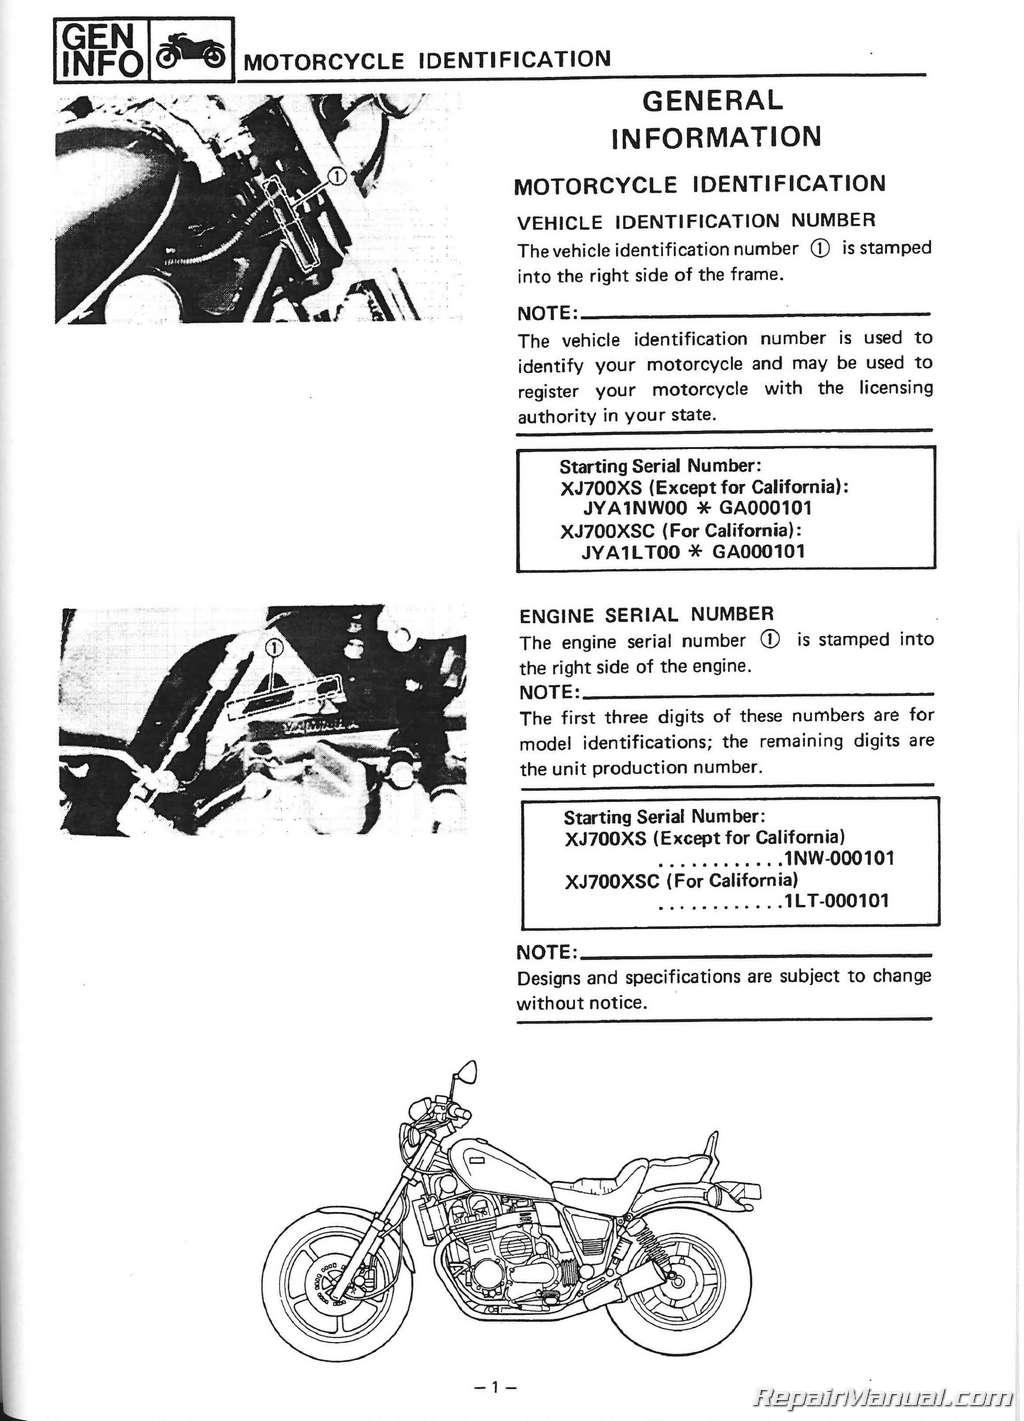 1985 Yamaha Maxim 700 Parts Xj700 Wiring Diagram